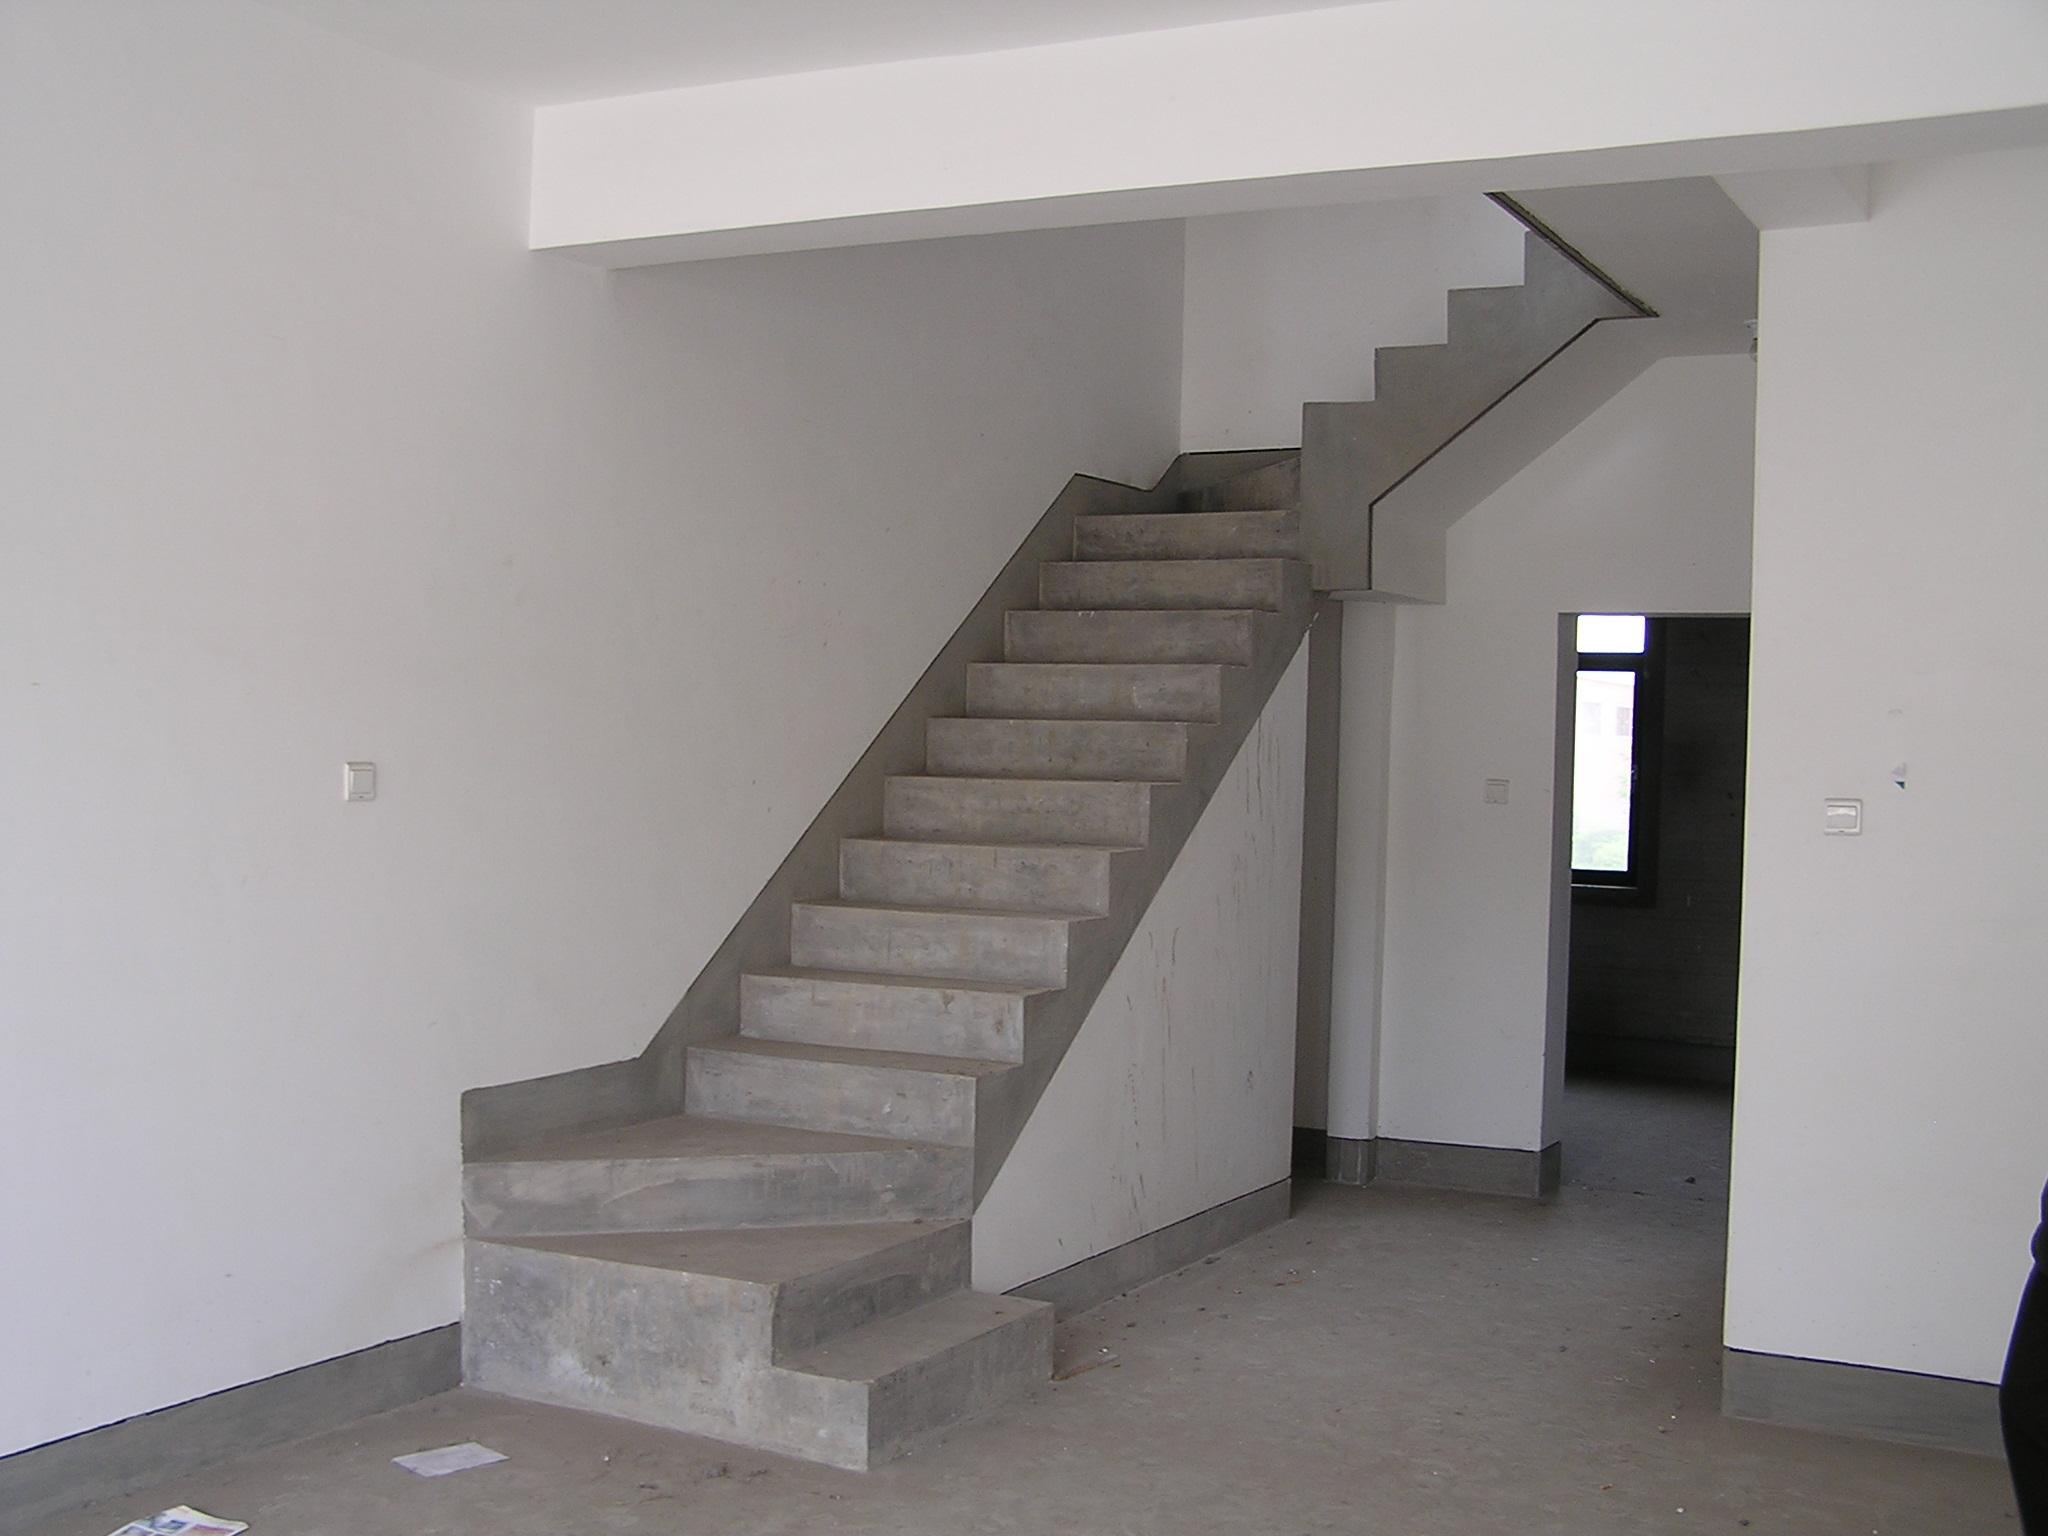 楼梯下面这堵墙想打掉,布置成什么造型呢 装饰设计图库